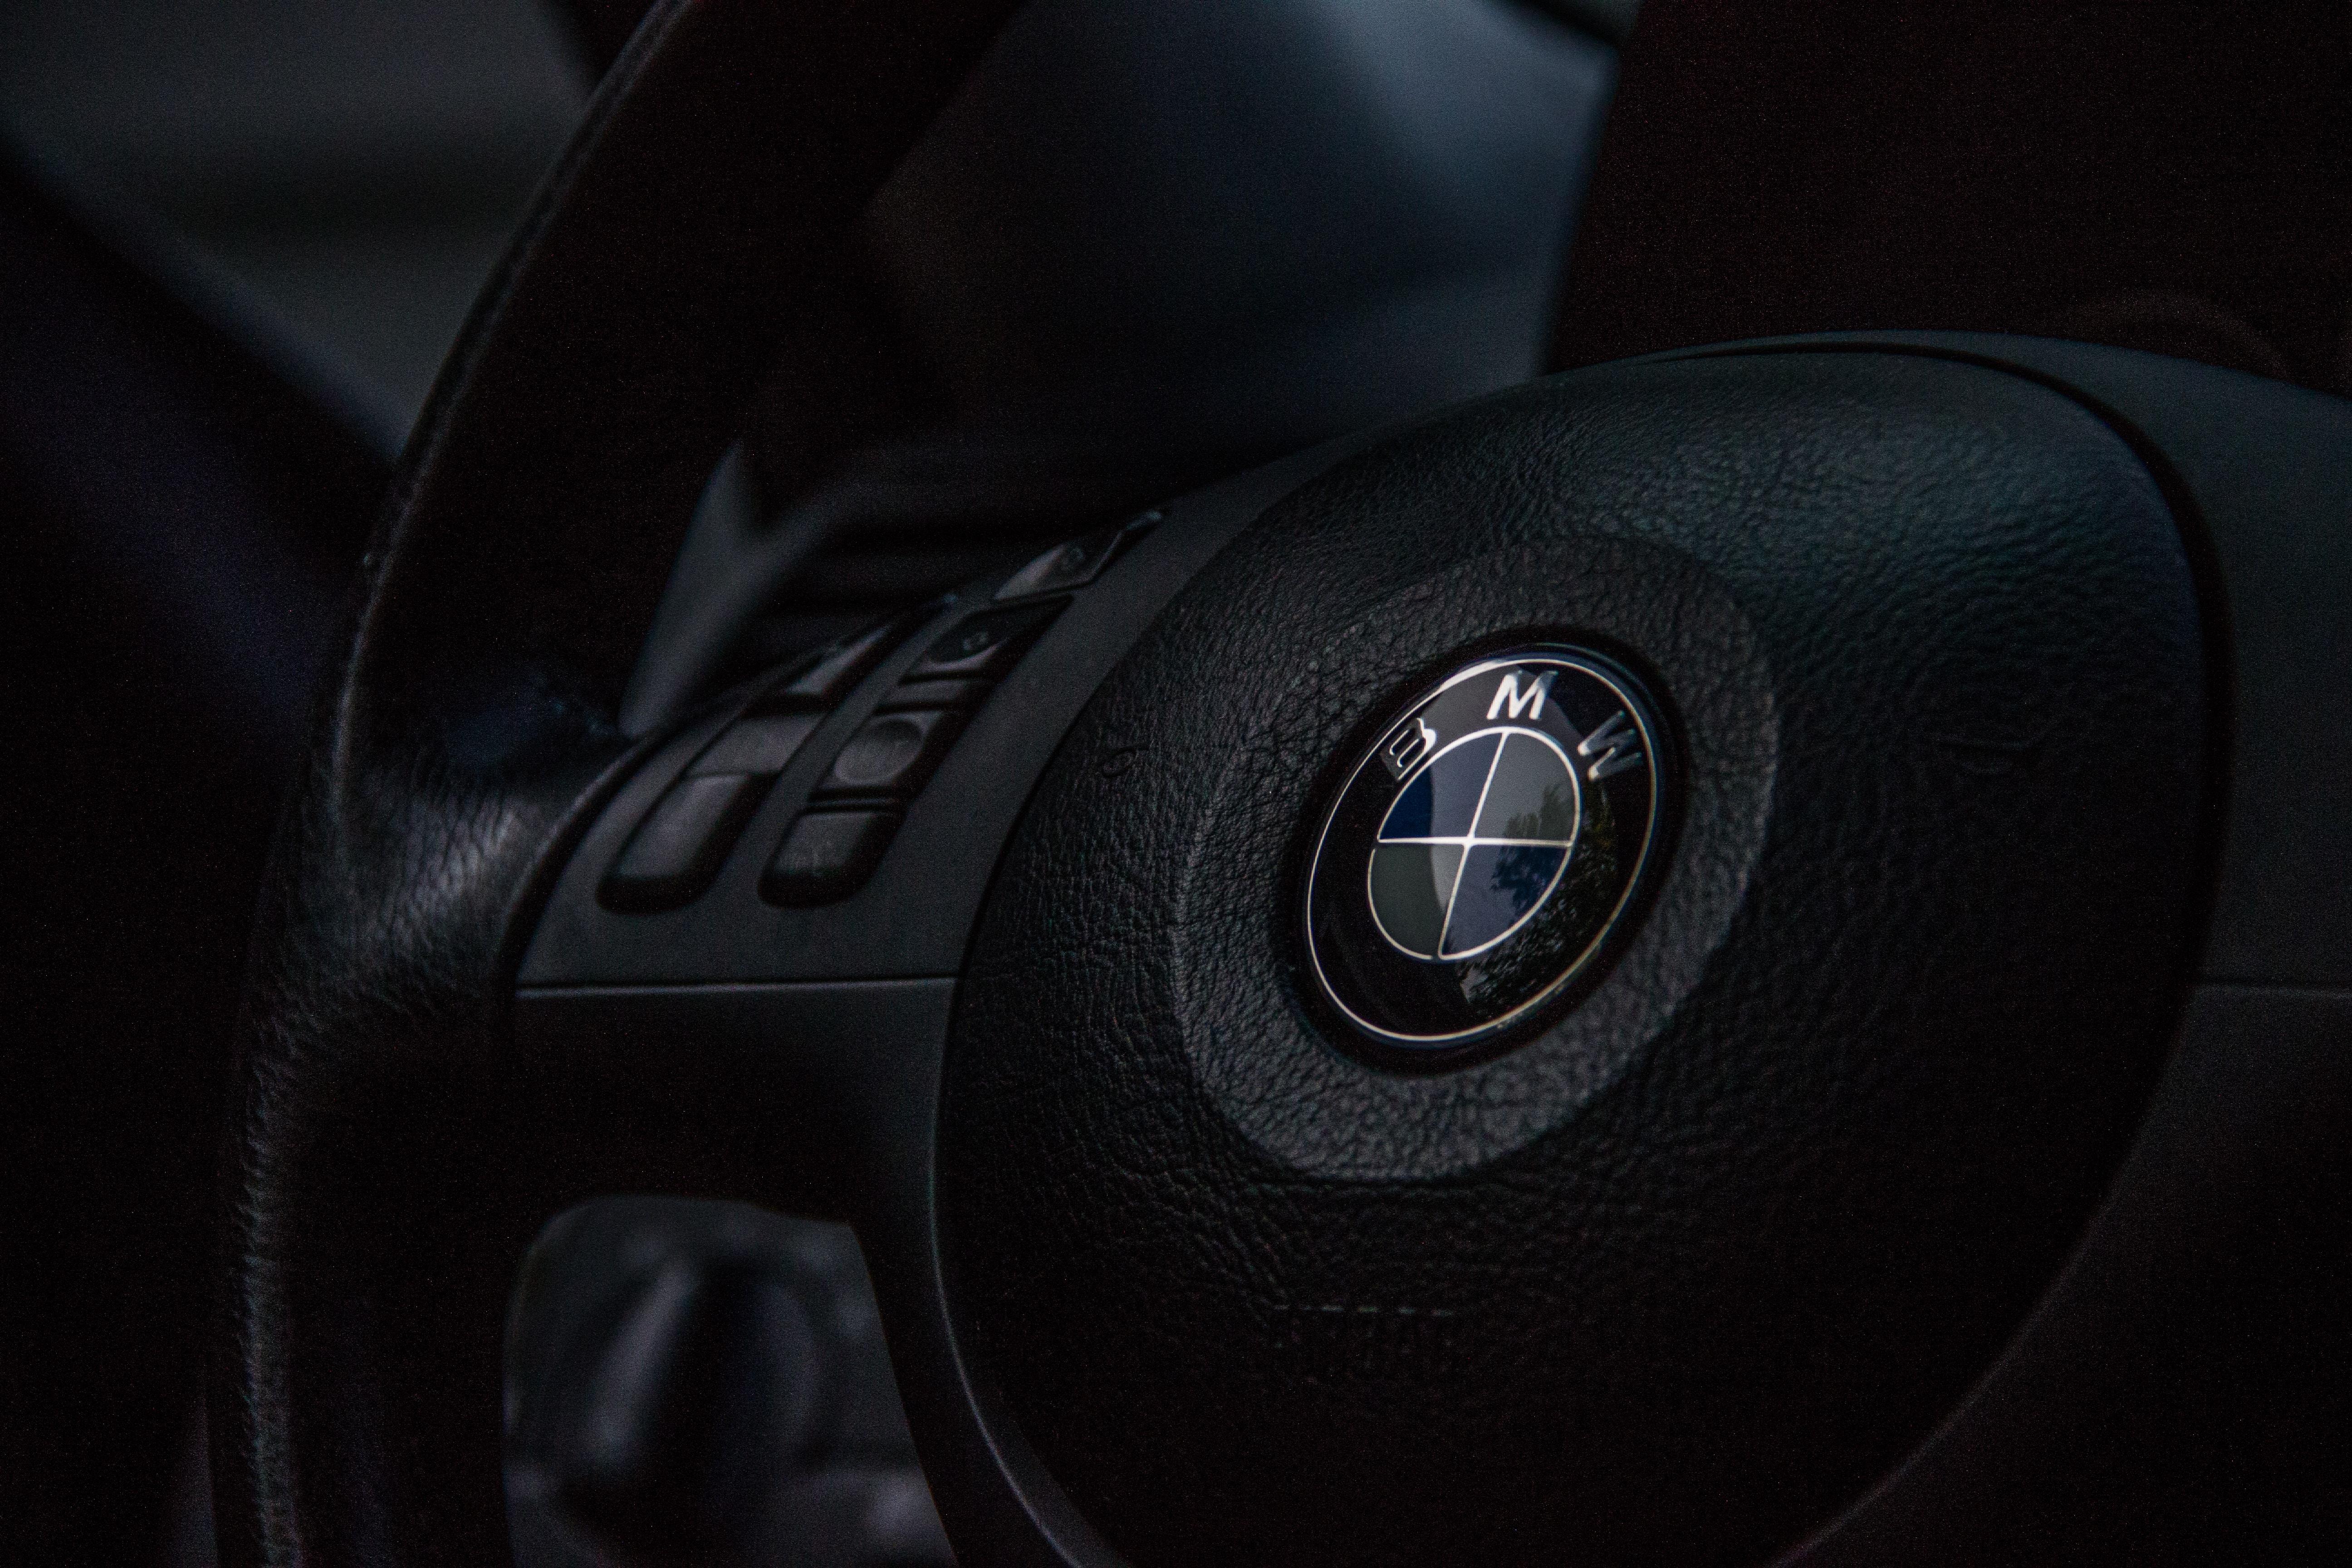 Macro vew of a black BMW steering wheel